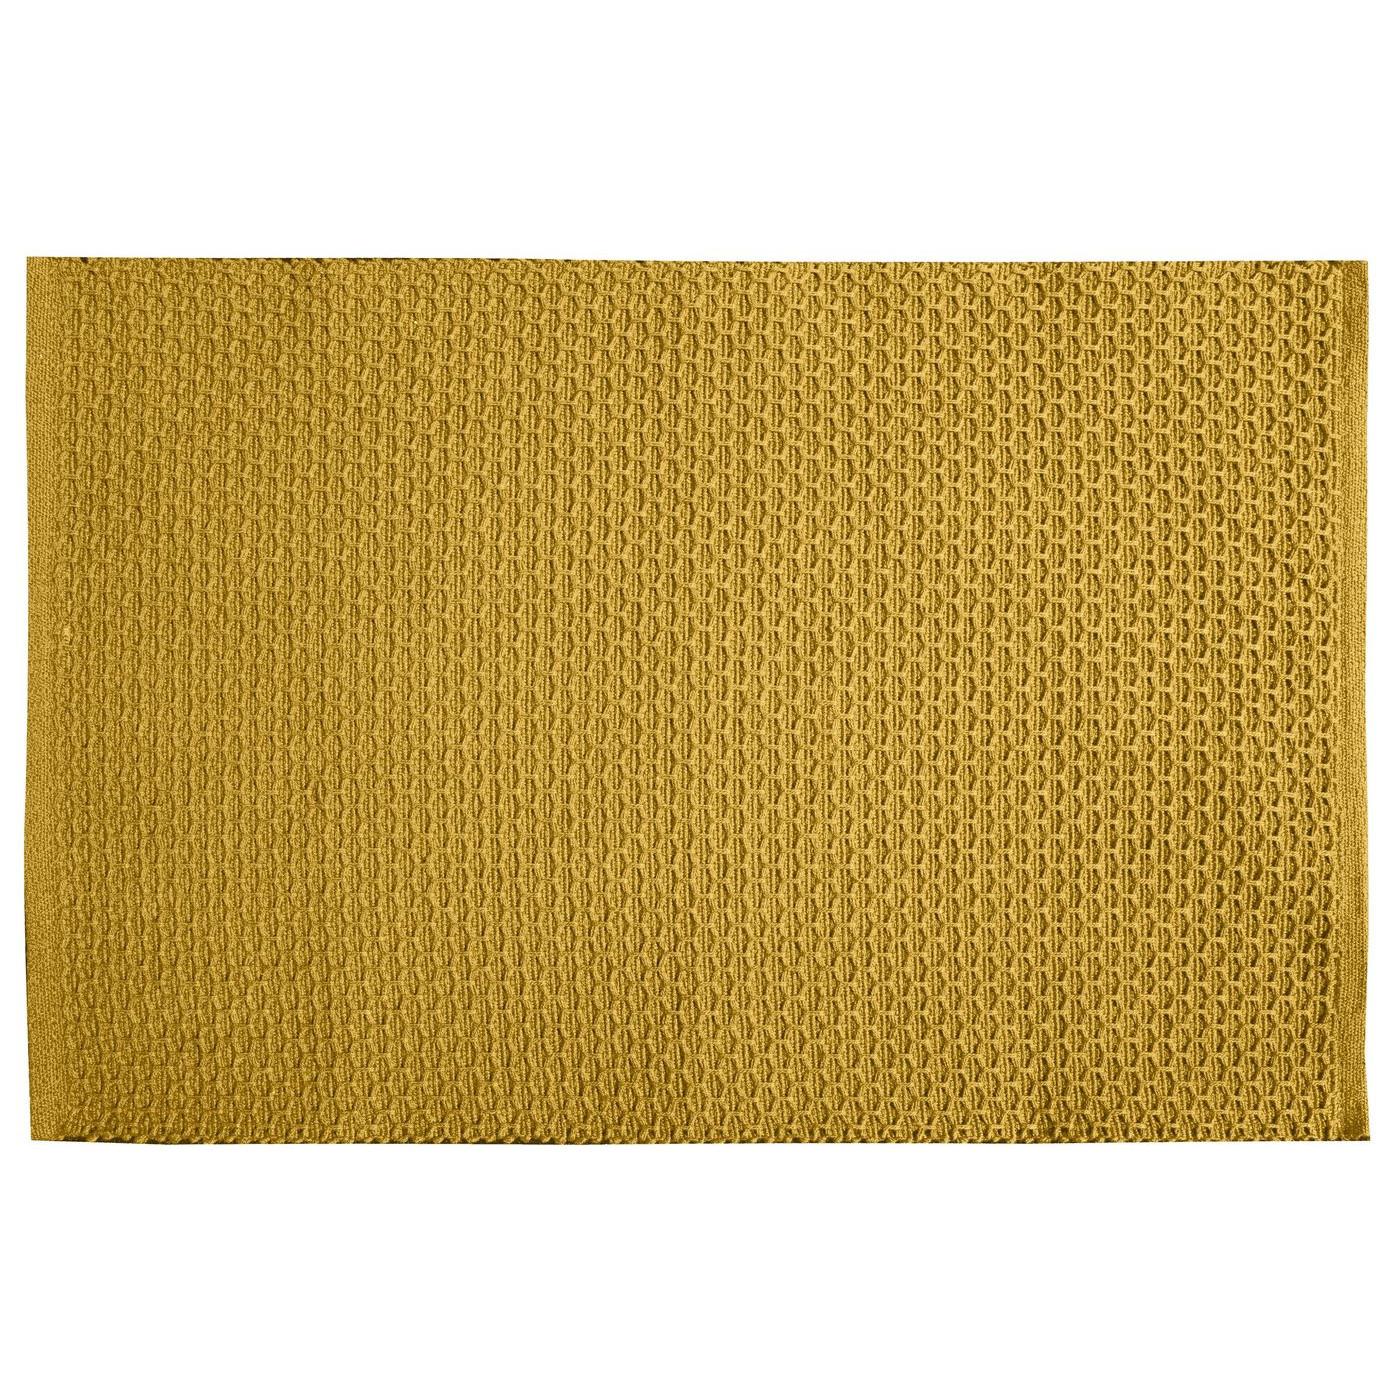 Jednokolorowa podkładka stołowa plaster miodu musztardowa 33x48 cm